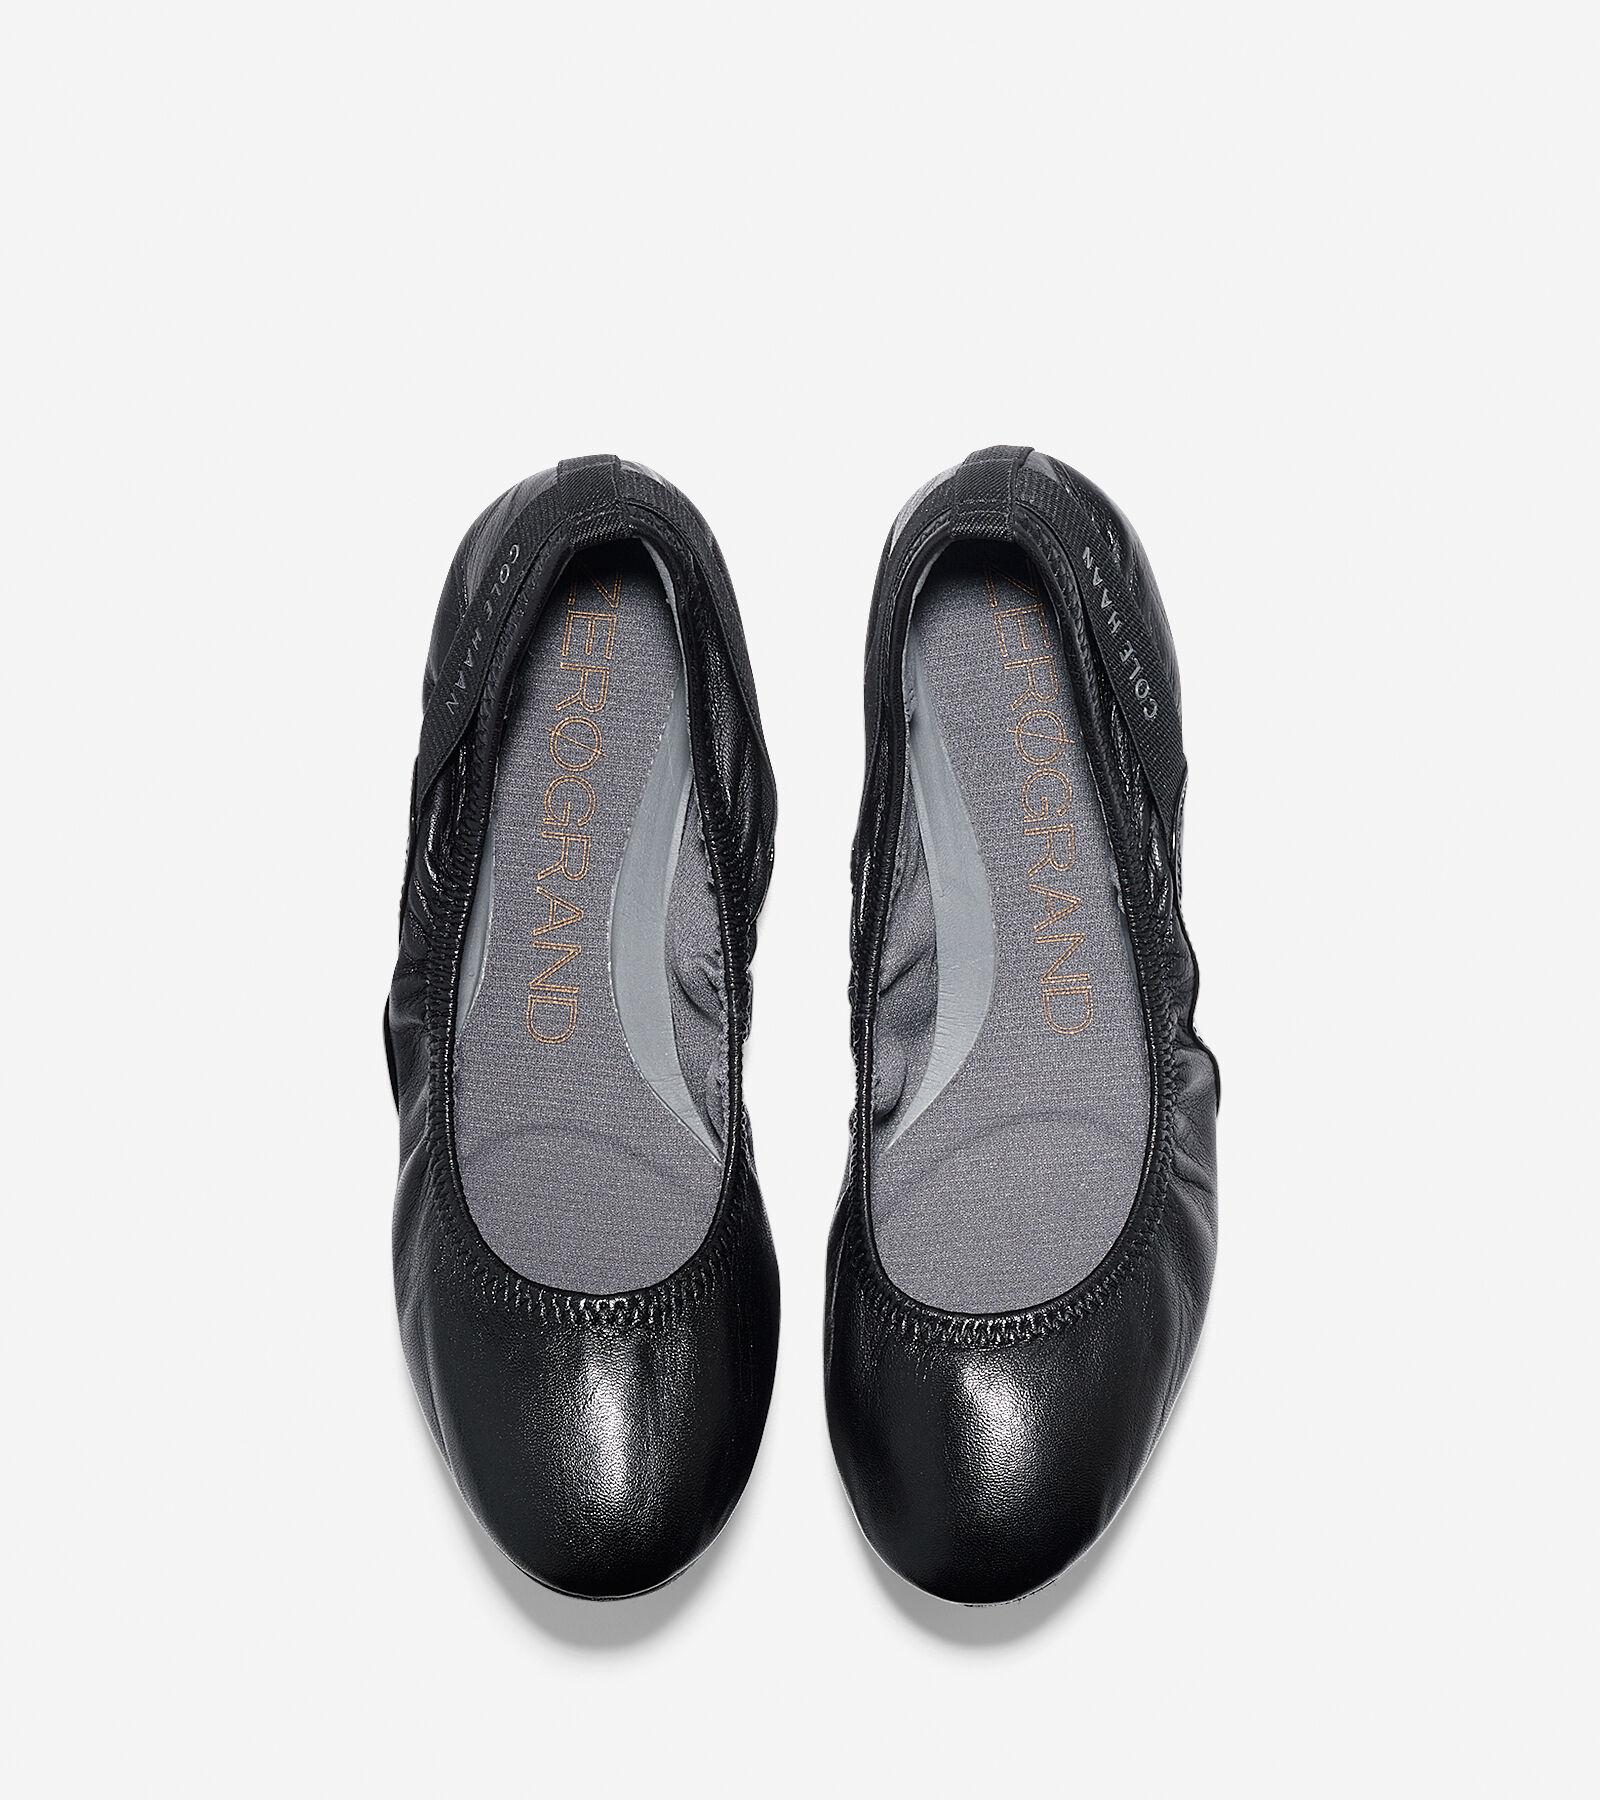 ... ZERØGRAND Stagedoor Ballet; ZERØGRAND Stagedoor Ballet; ZERØGRAND  Stagedoor Ballet. #colehaan